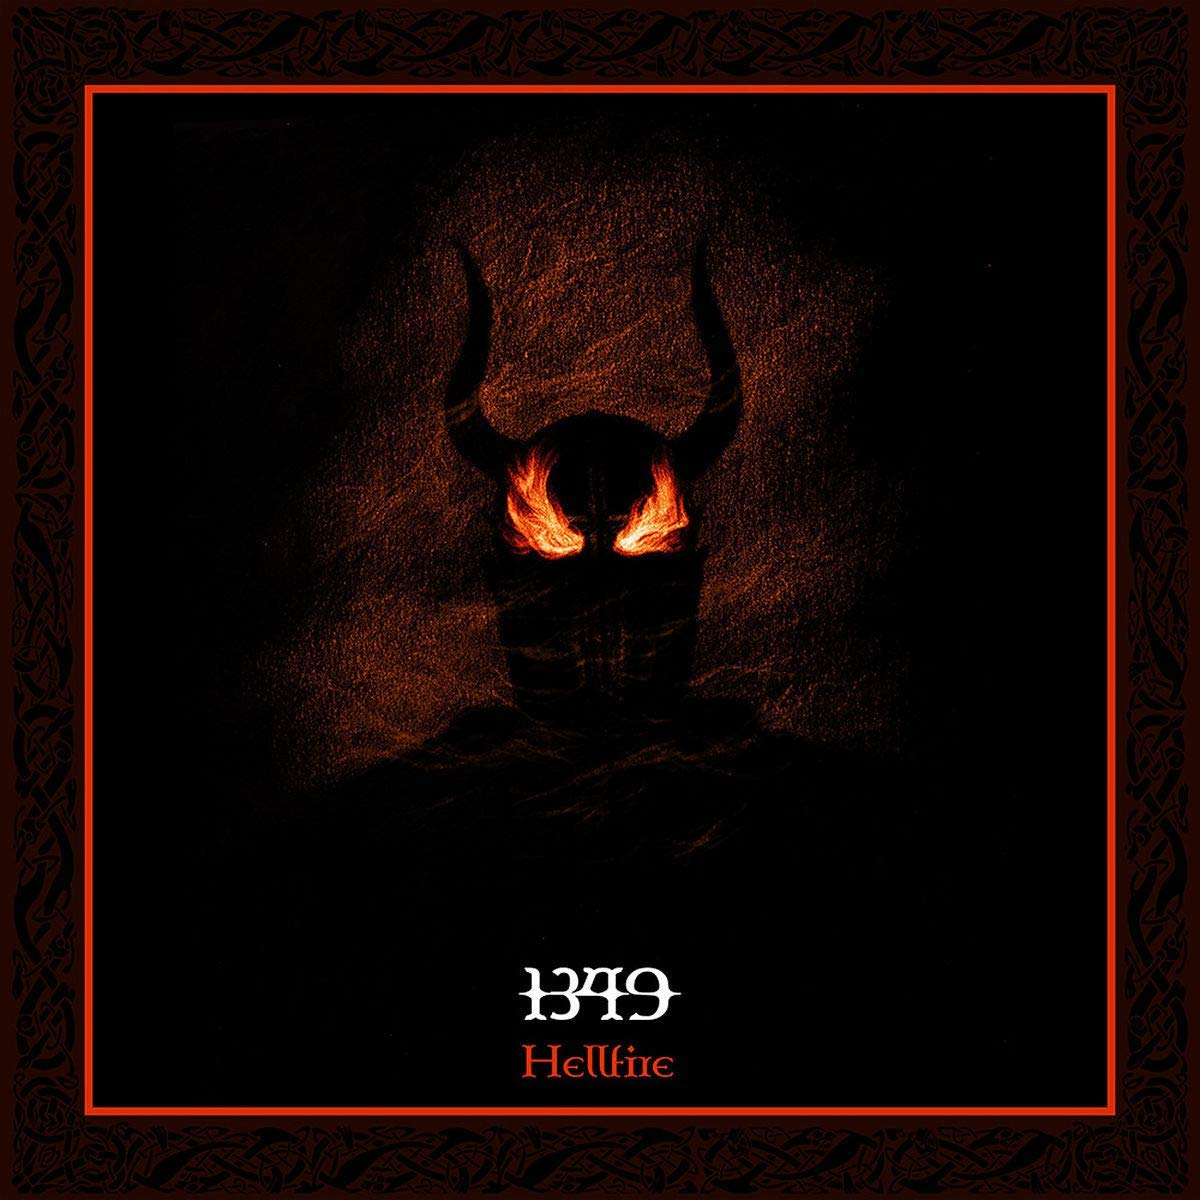 CD Shop - 1349 HELLFIRE